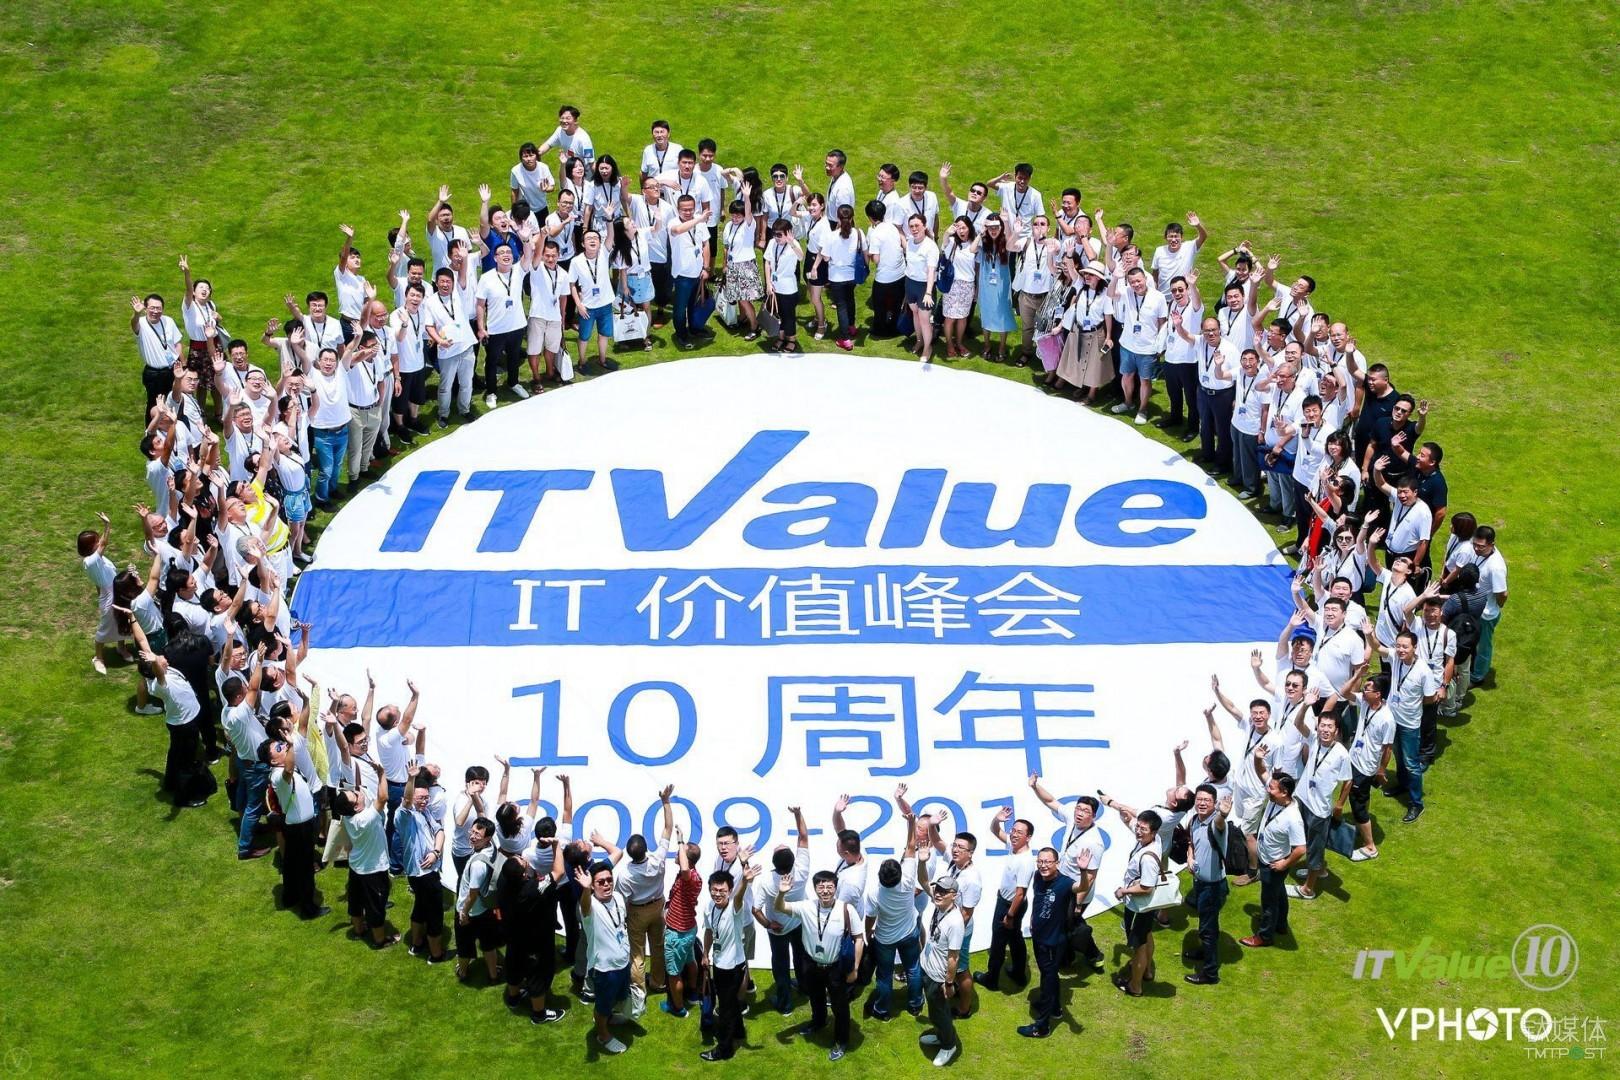 十年了,技术和商业都在变化,三亚IT价值峰会又在发生什么变化?